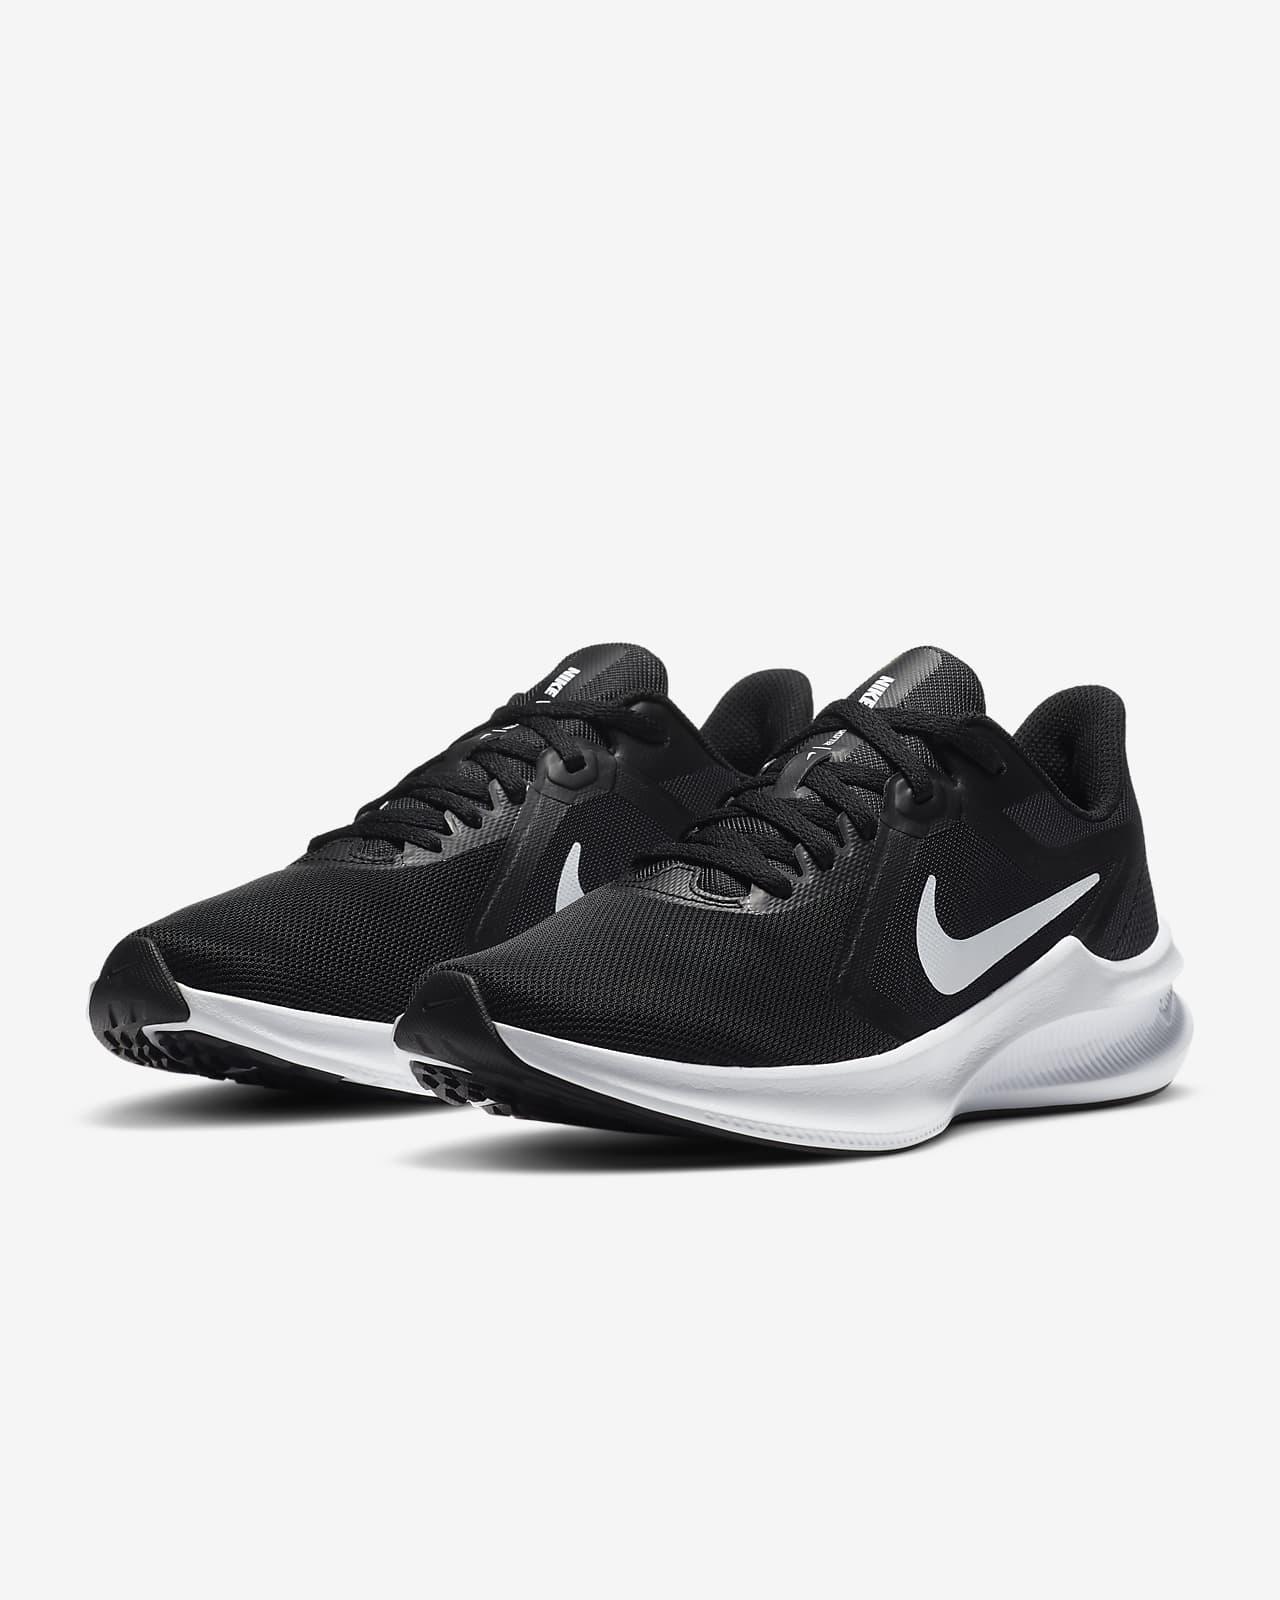 Tradicion yo mismo Eficiente  Nike Downshifter 10 Women's Running Shoe. Nike HR